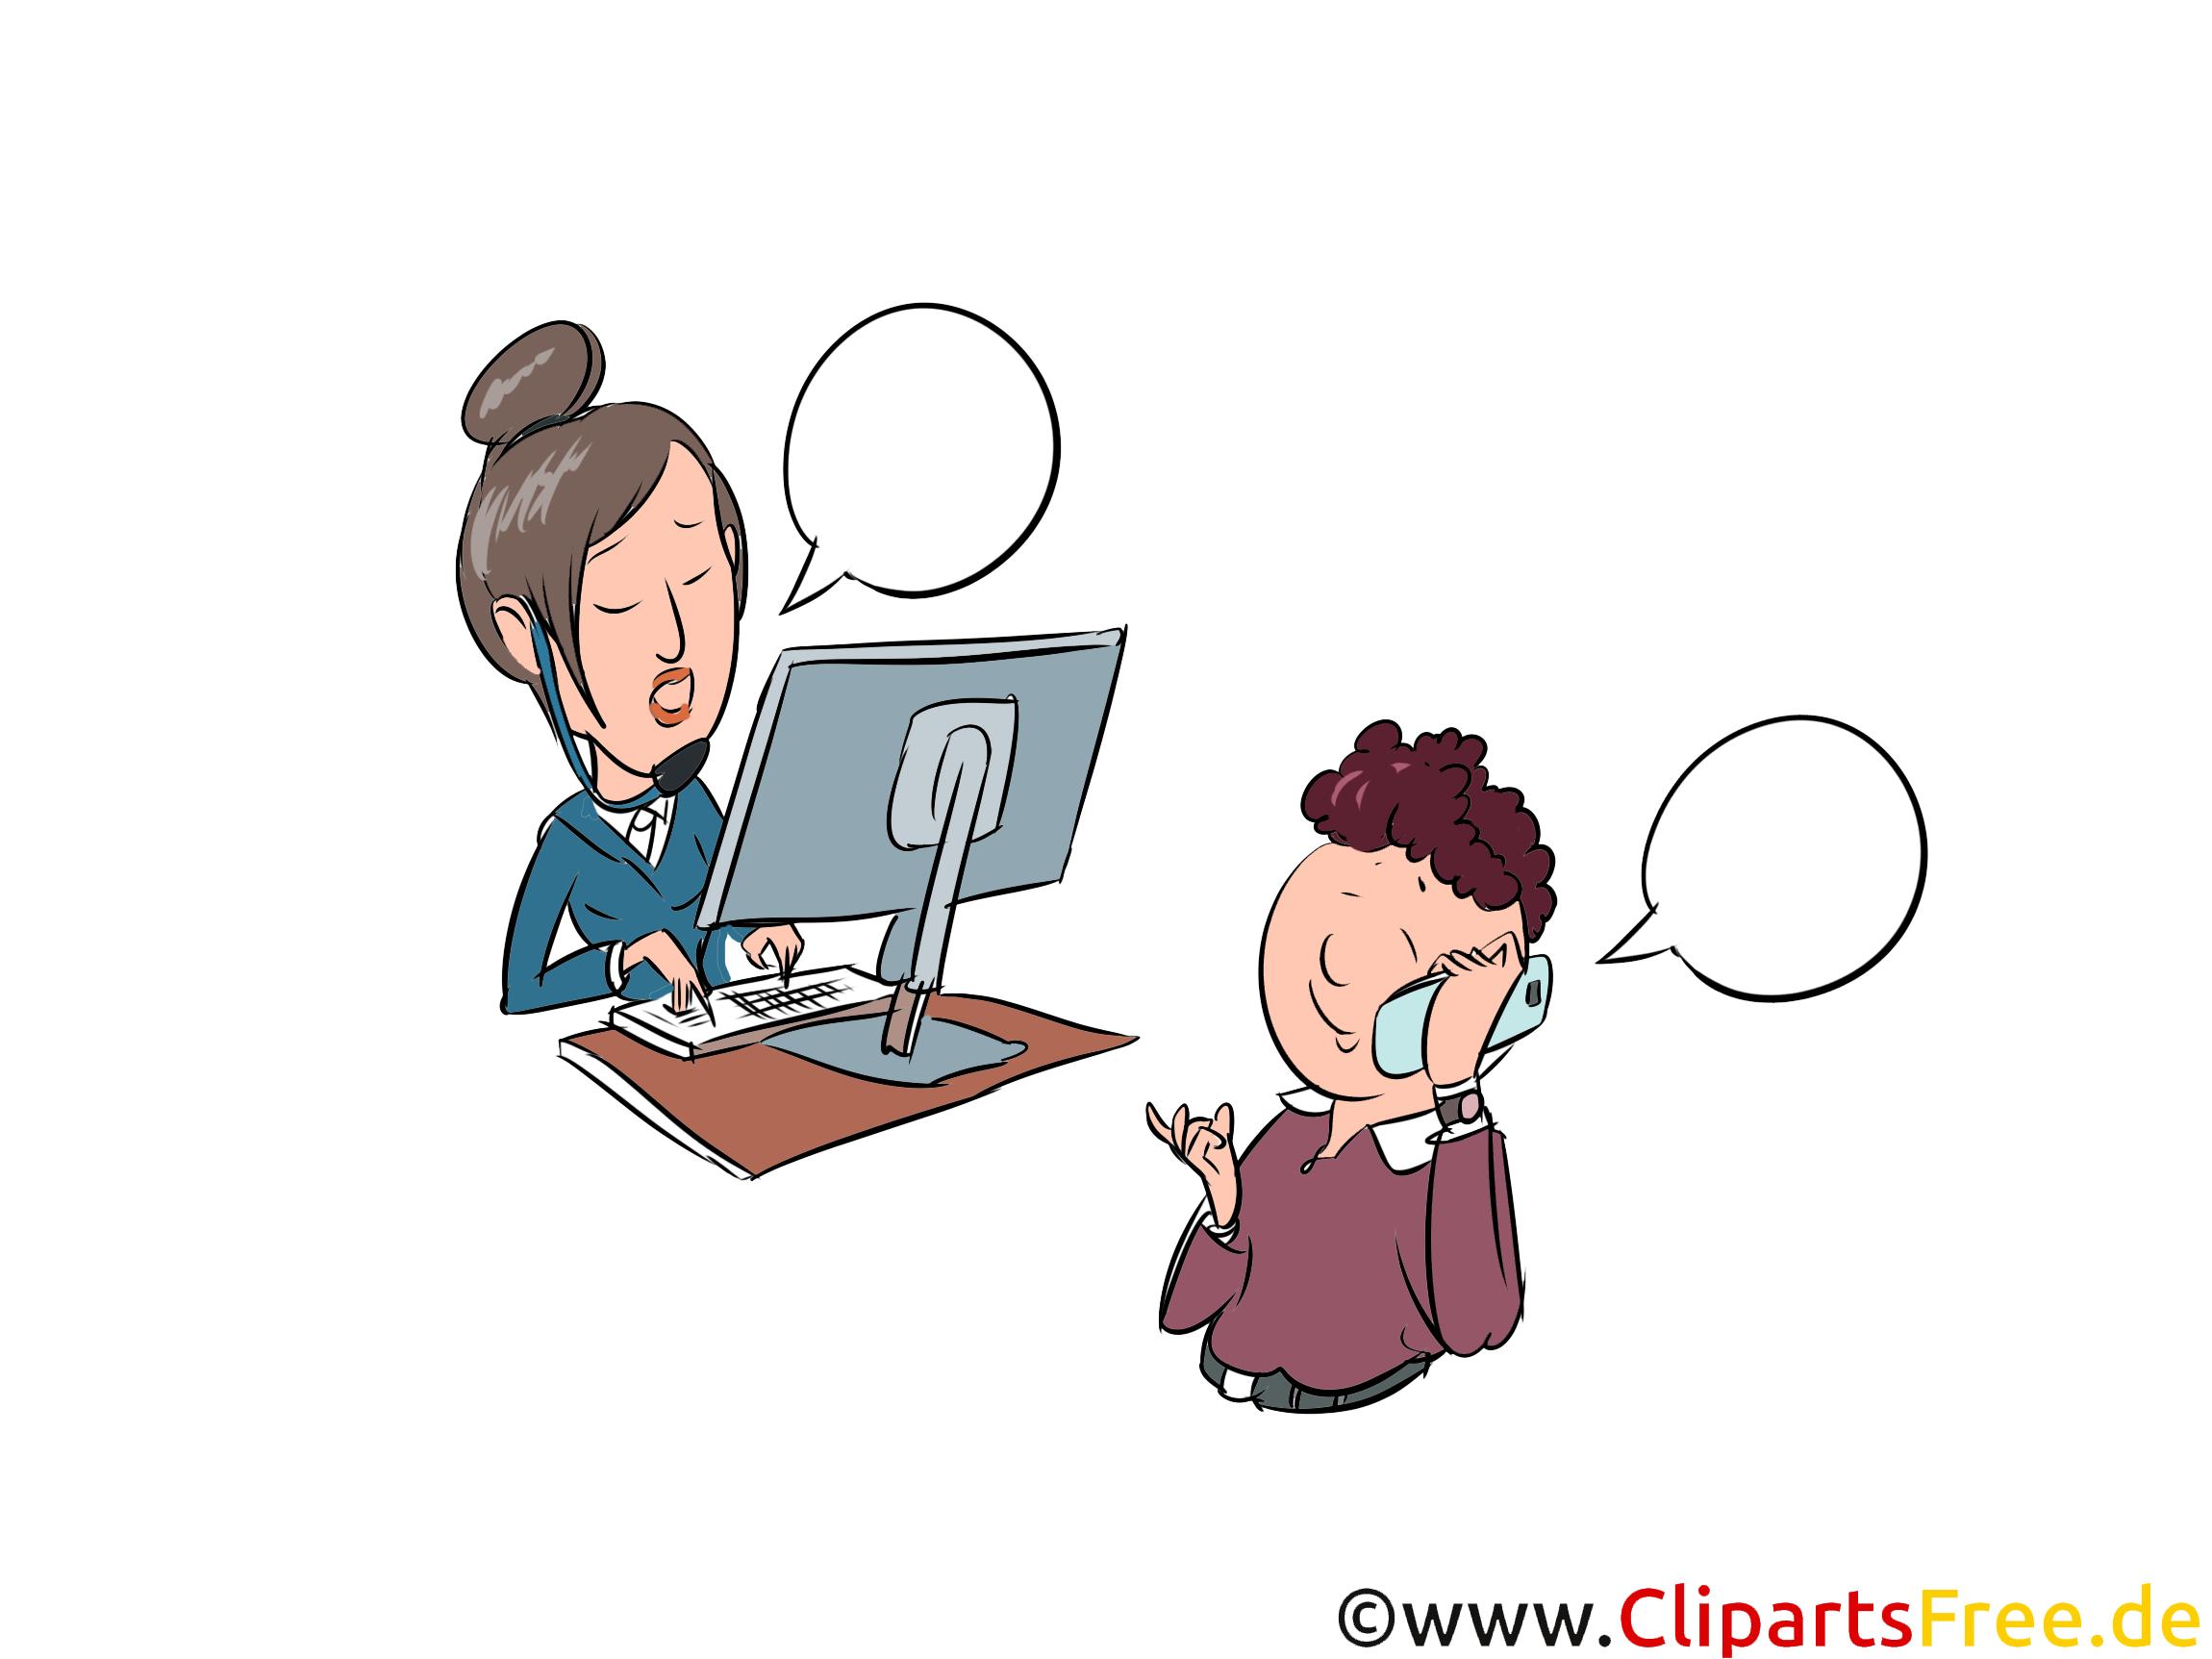 Interview per Telefon, Personal Cliparts, Bilder, Comics